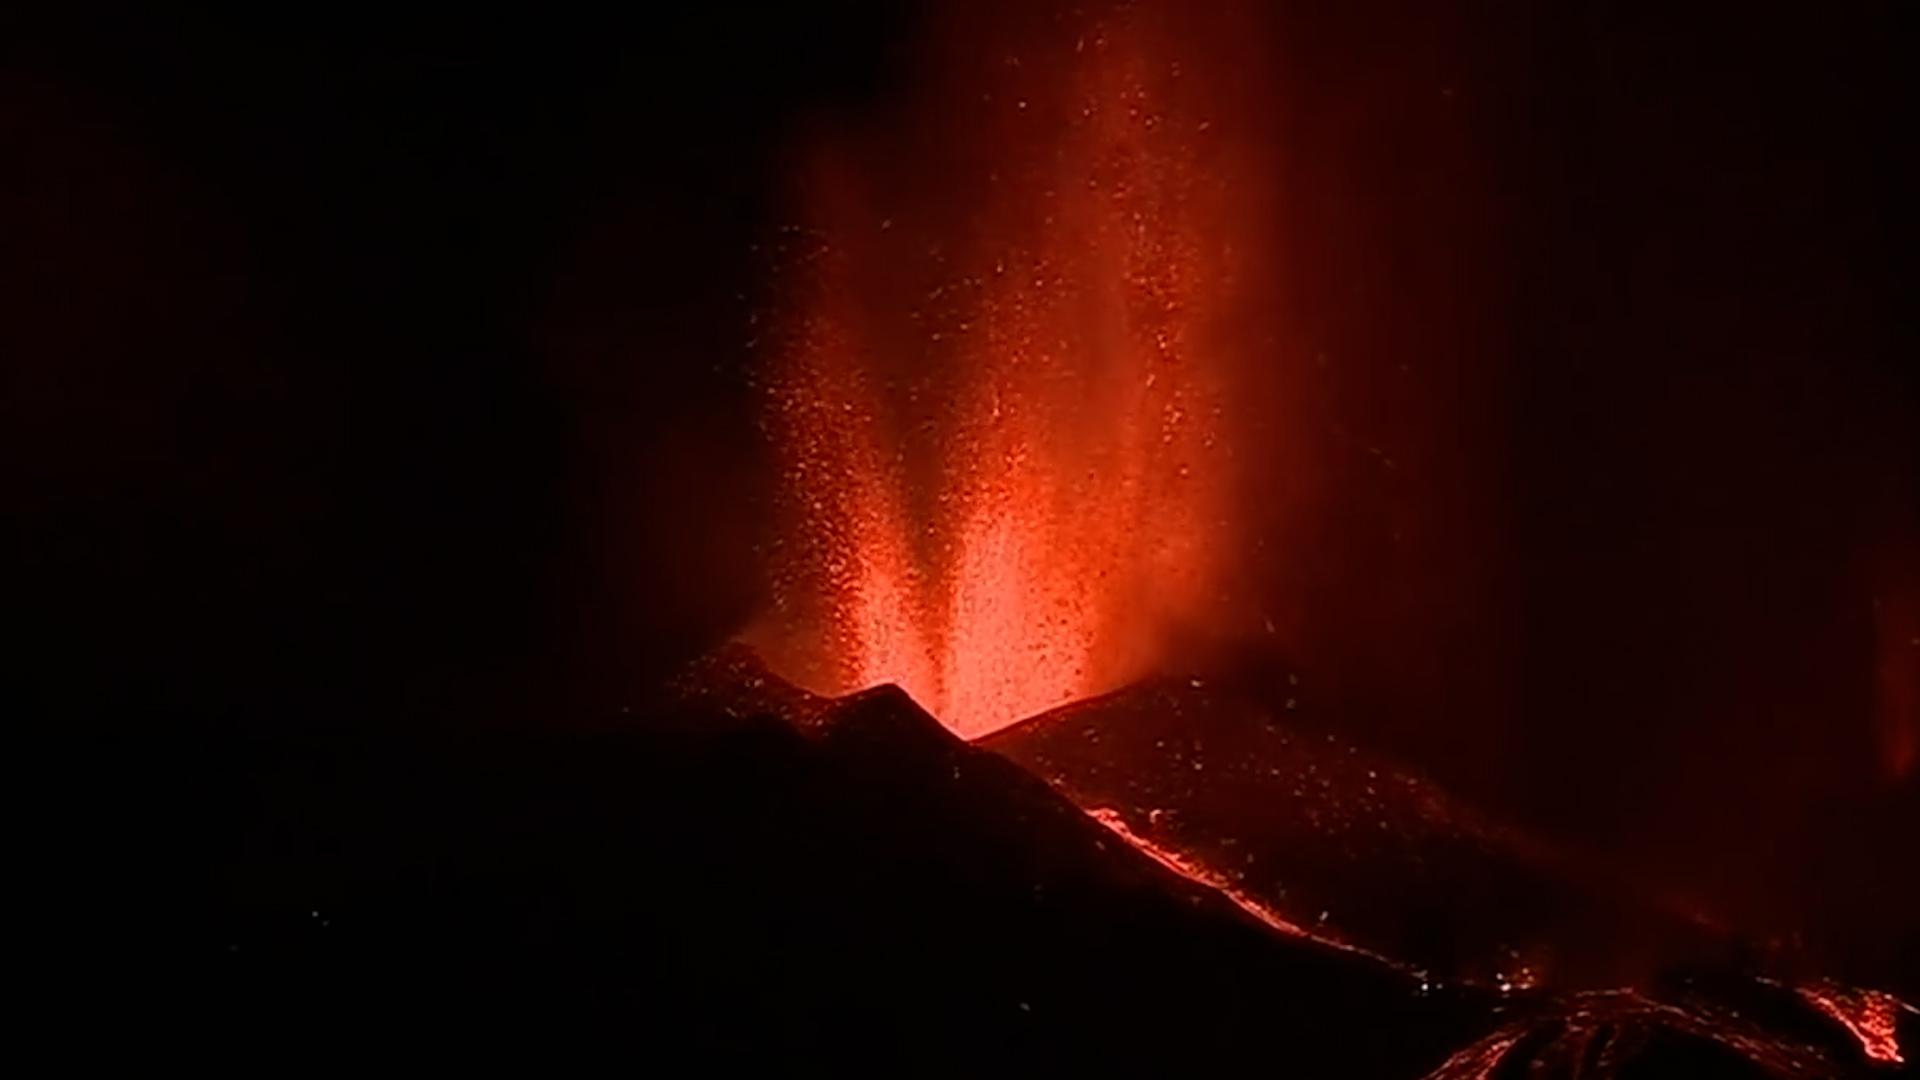 Olivia Lozano, experta en vulcanología, nos habla de la erupción del volcán de La Palma